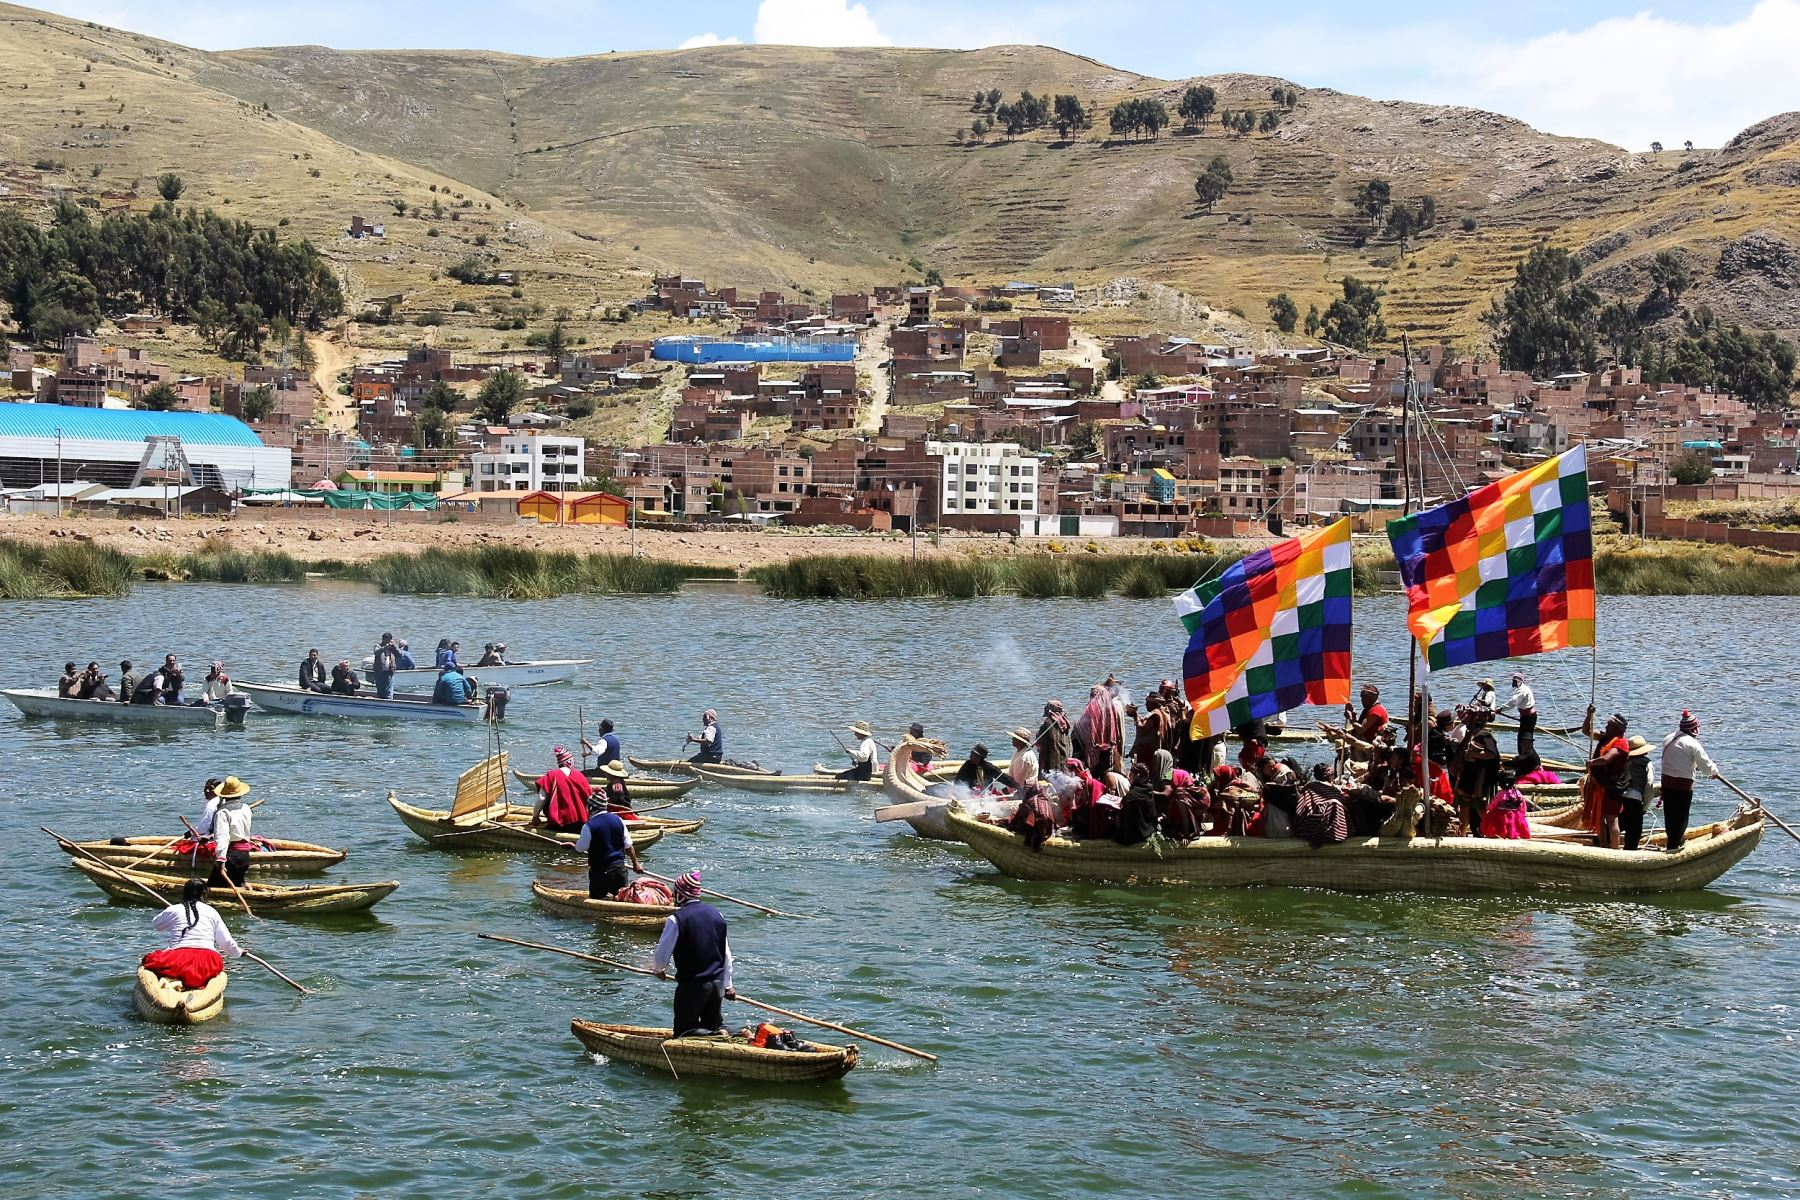 Se inicia ceremonia de salida de fundadores del imperio Inca del lago Titicaca. ANDINA/Archivo